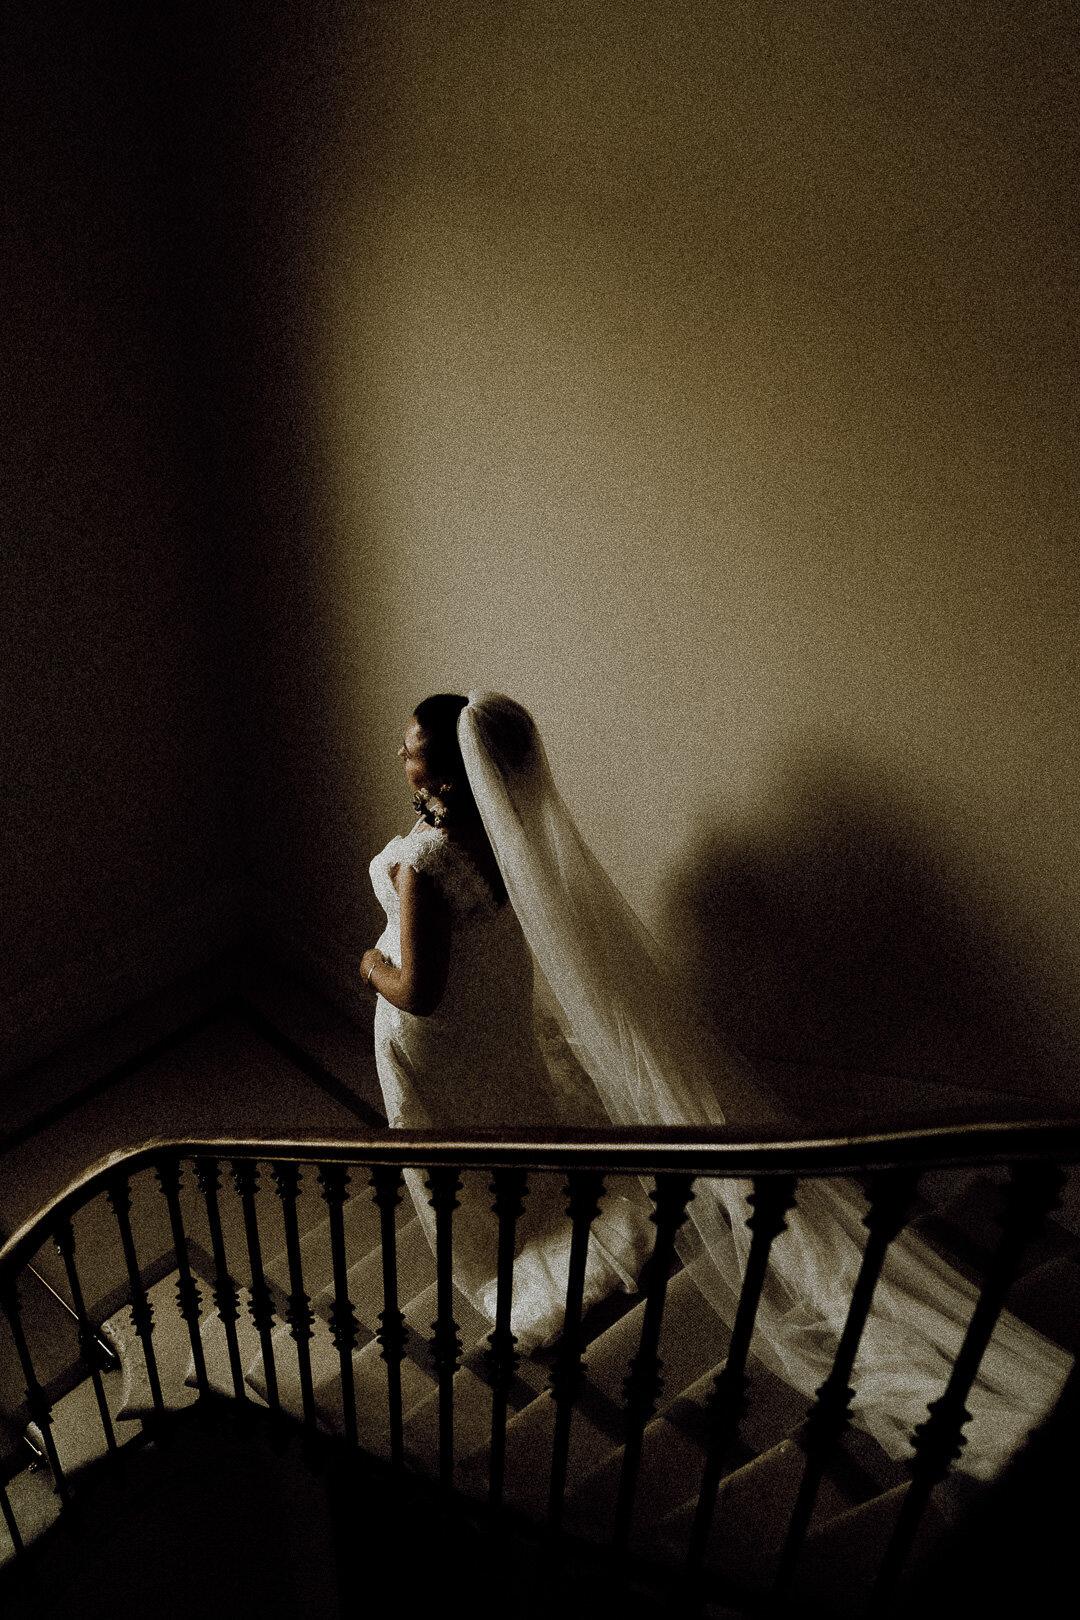 Chateau gaby -mariage ca - libourne-www.kewin-connin-jackson.fr-209739.jpg